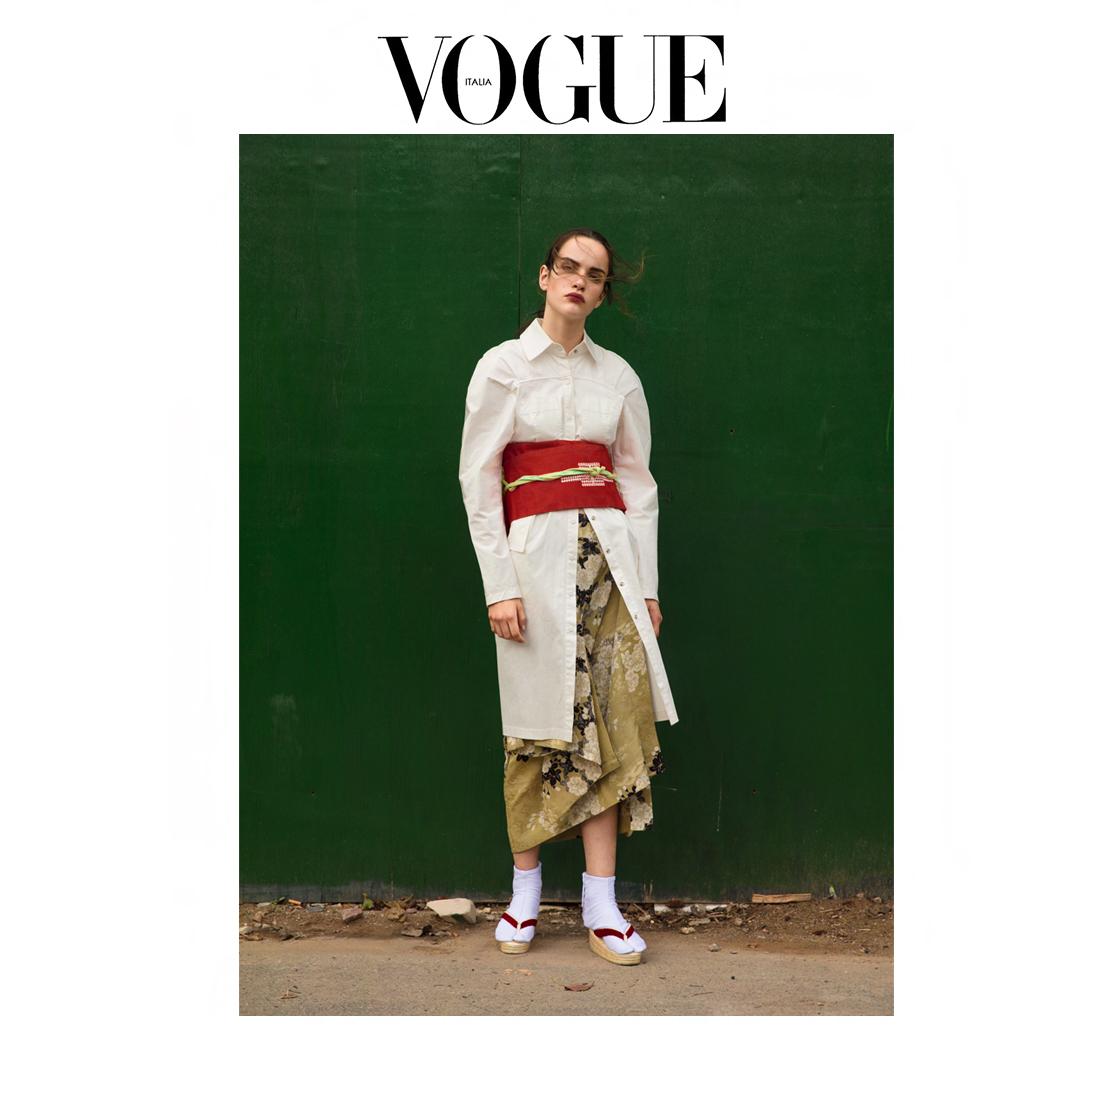 Vogue 232 .jpg